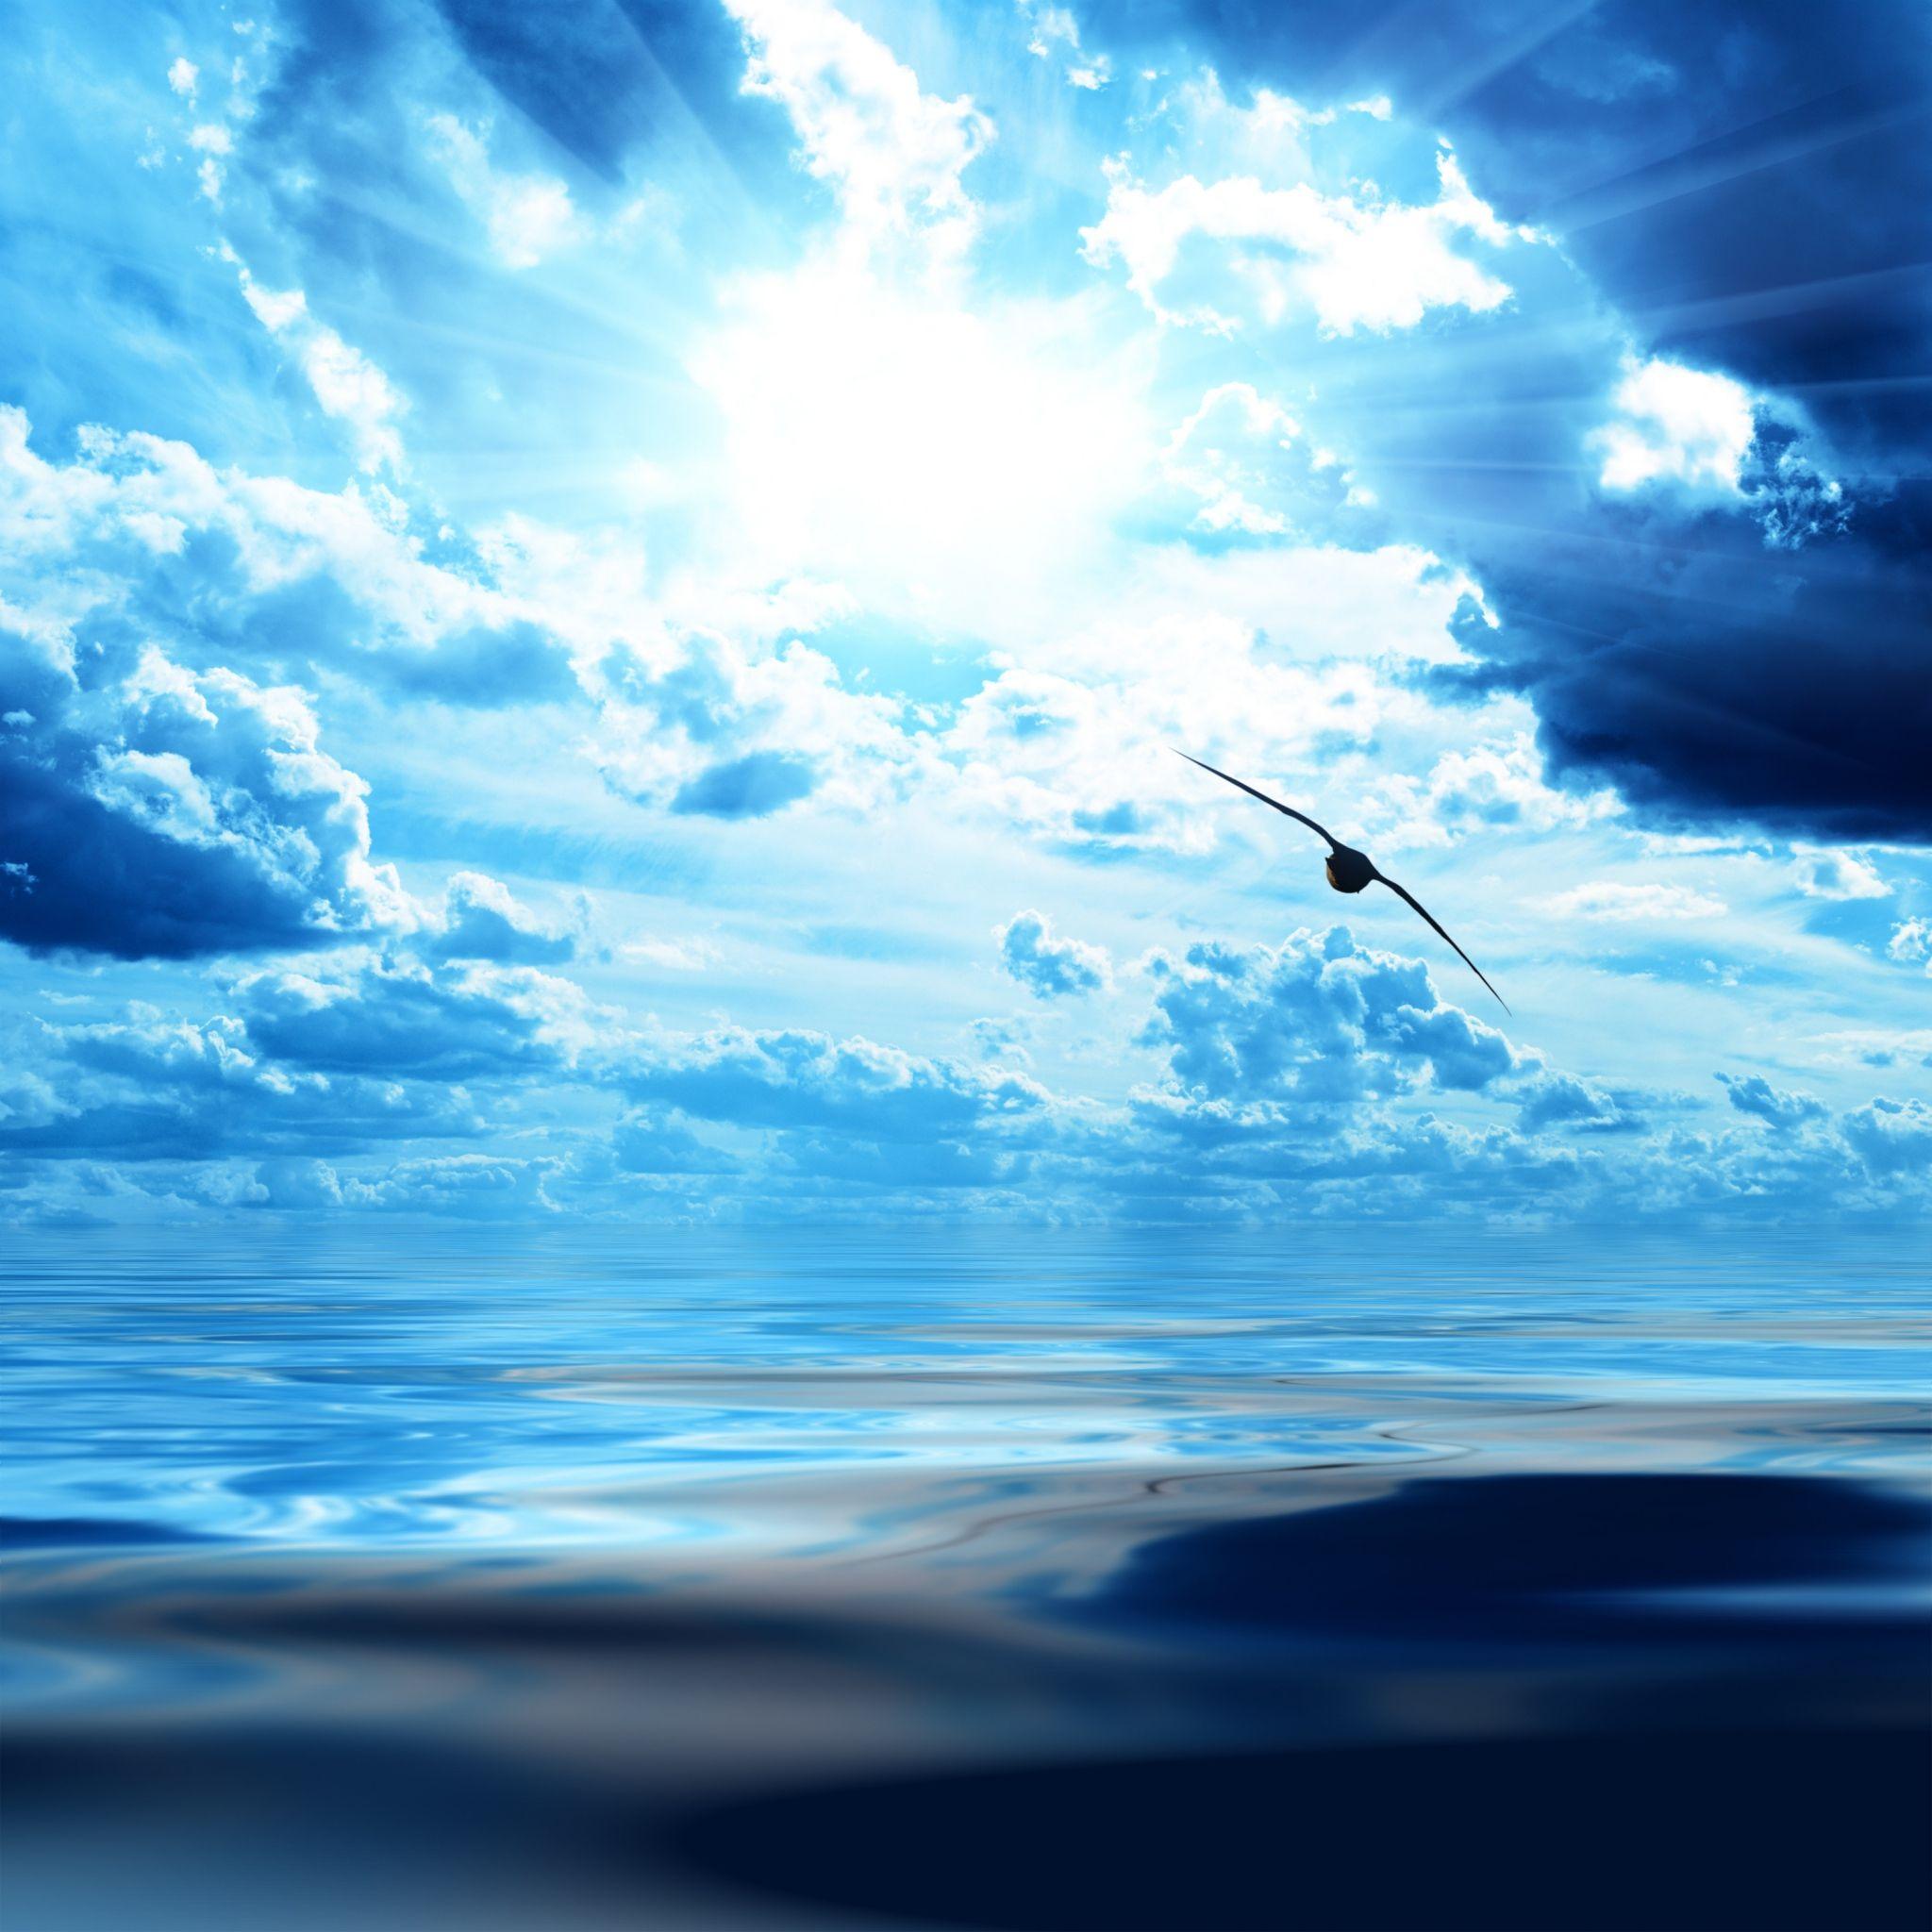 2048x2048 Wallpaper Passaro Voo Asas Altura Nuvens Ceu Azul